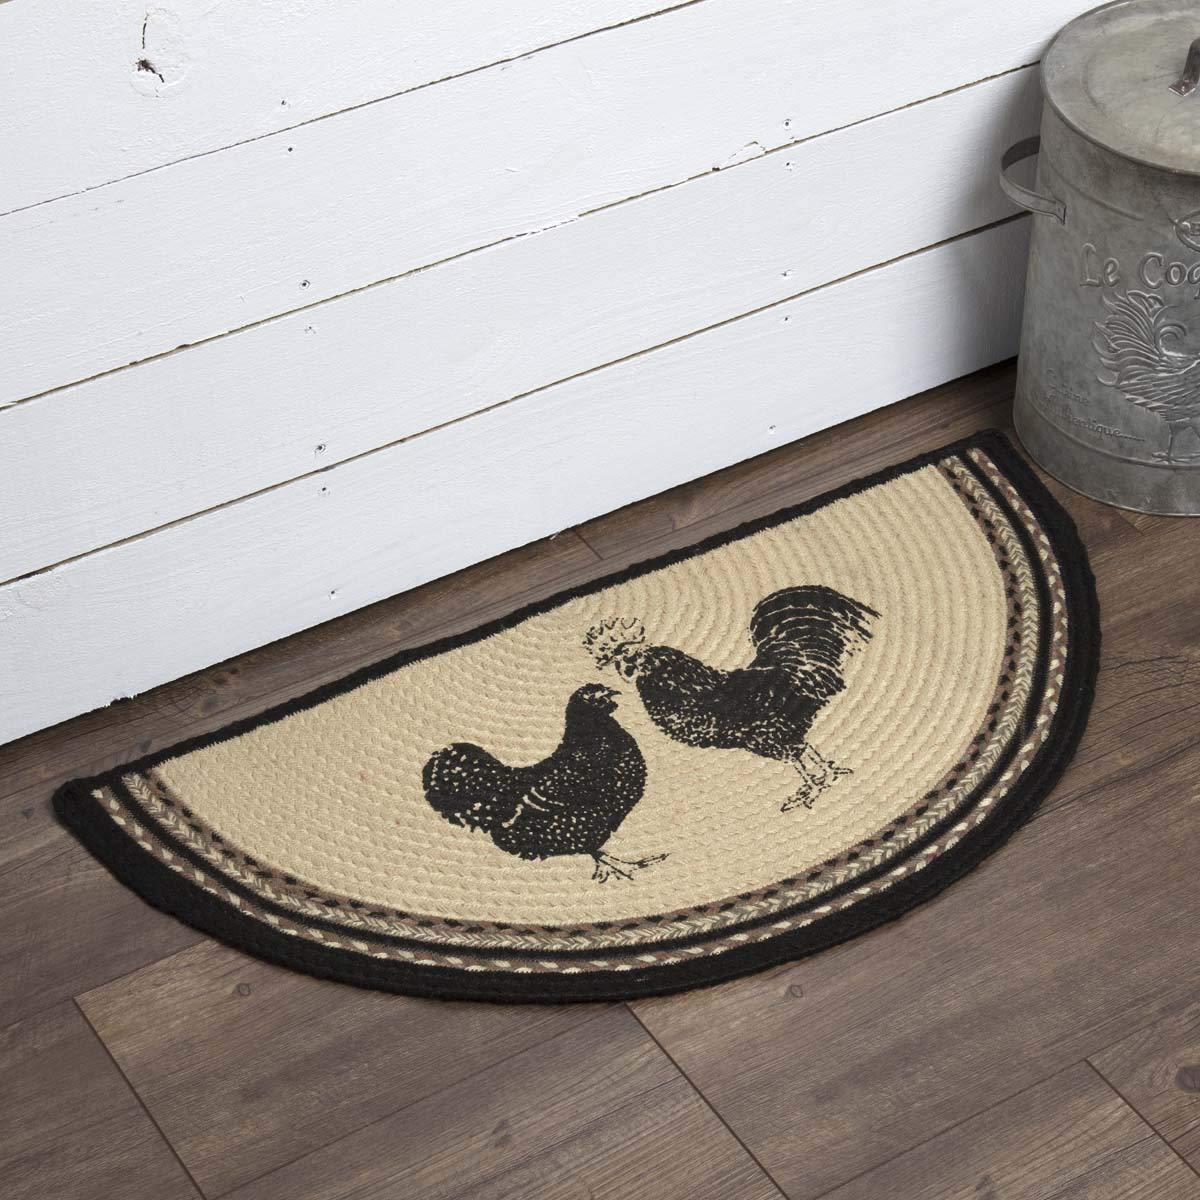 Amazon.com: VHC marcas Sawyer Molino Aves de corral de la ...